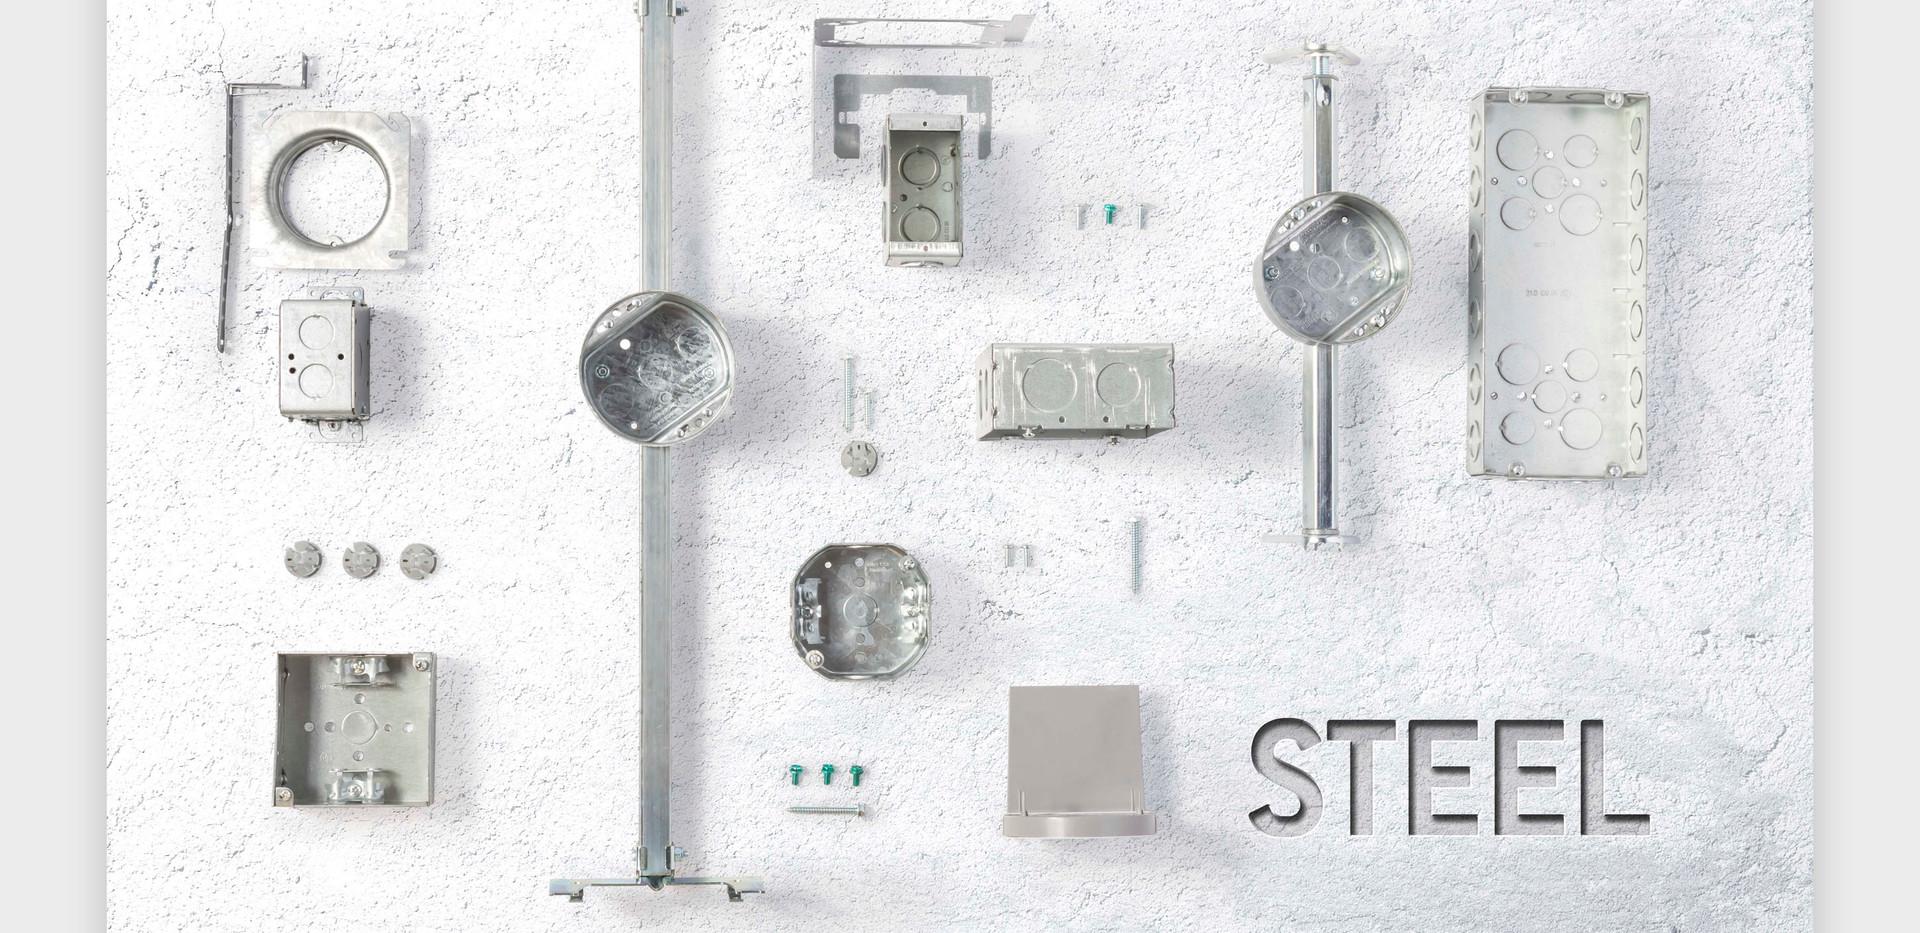 CEN_SteelCollage_T01.jpg